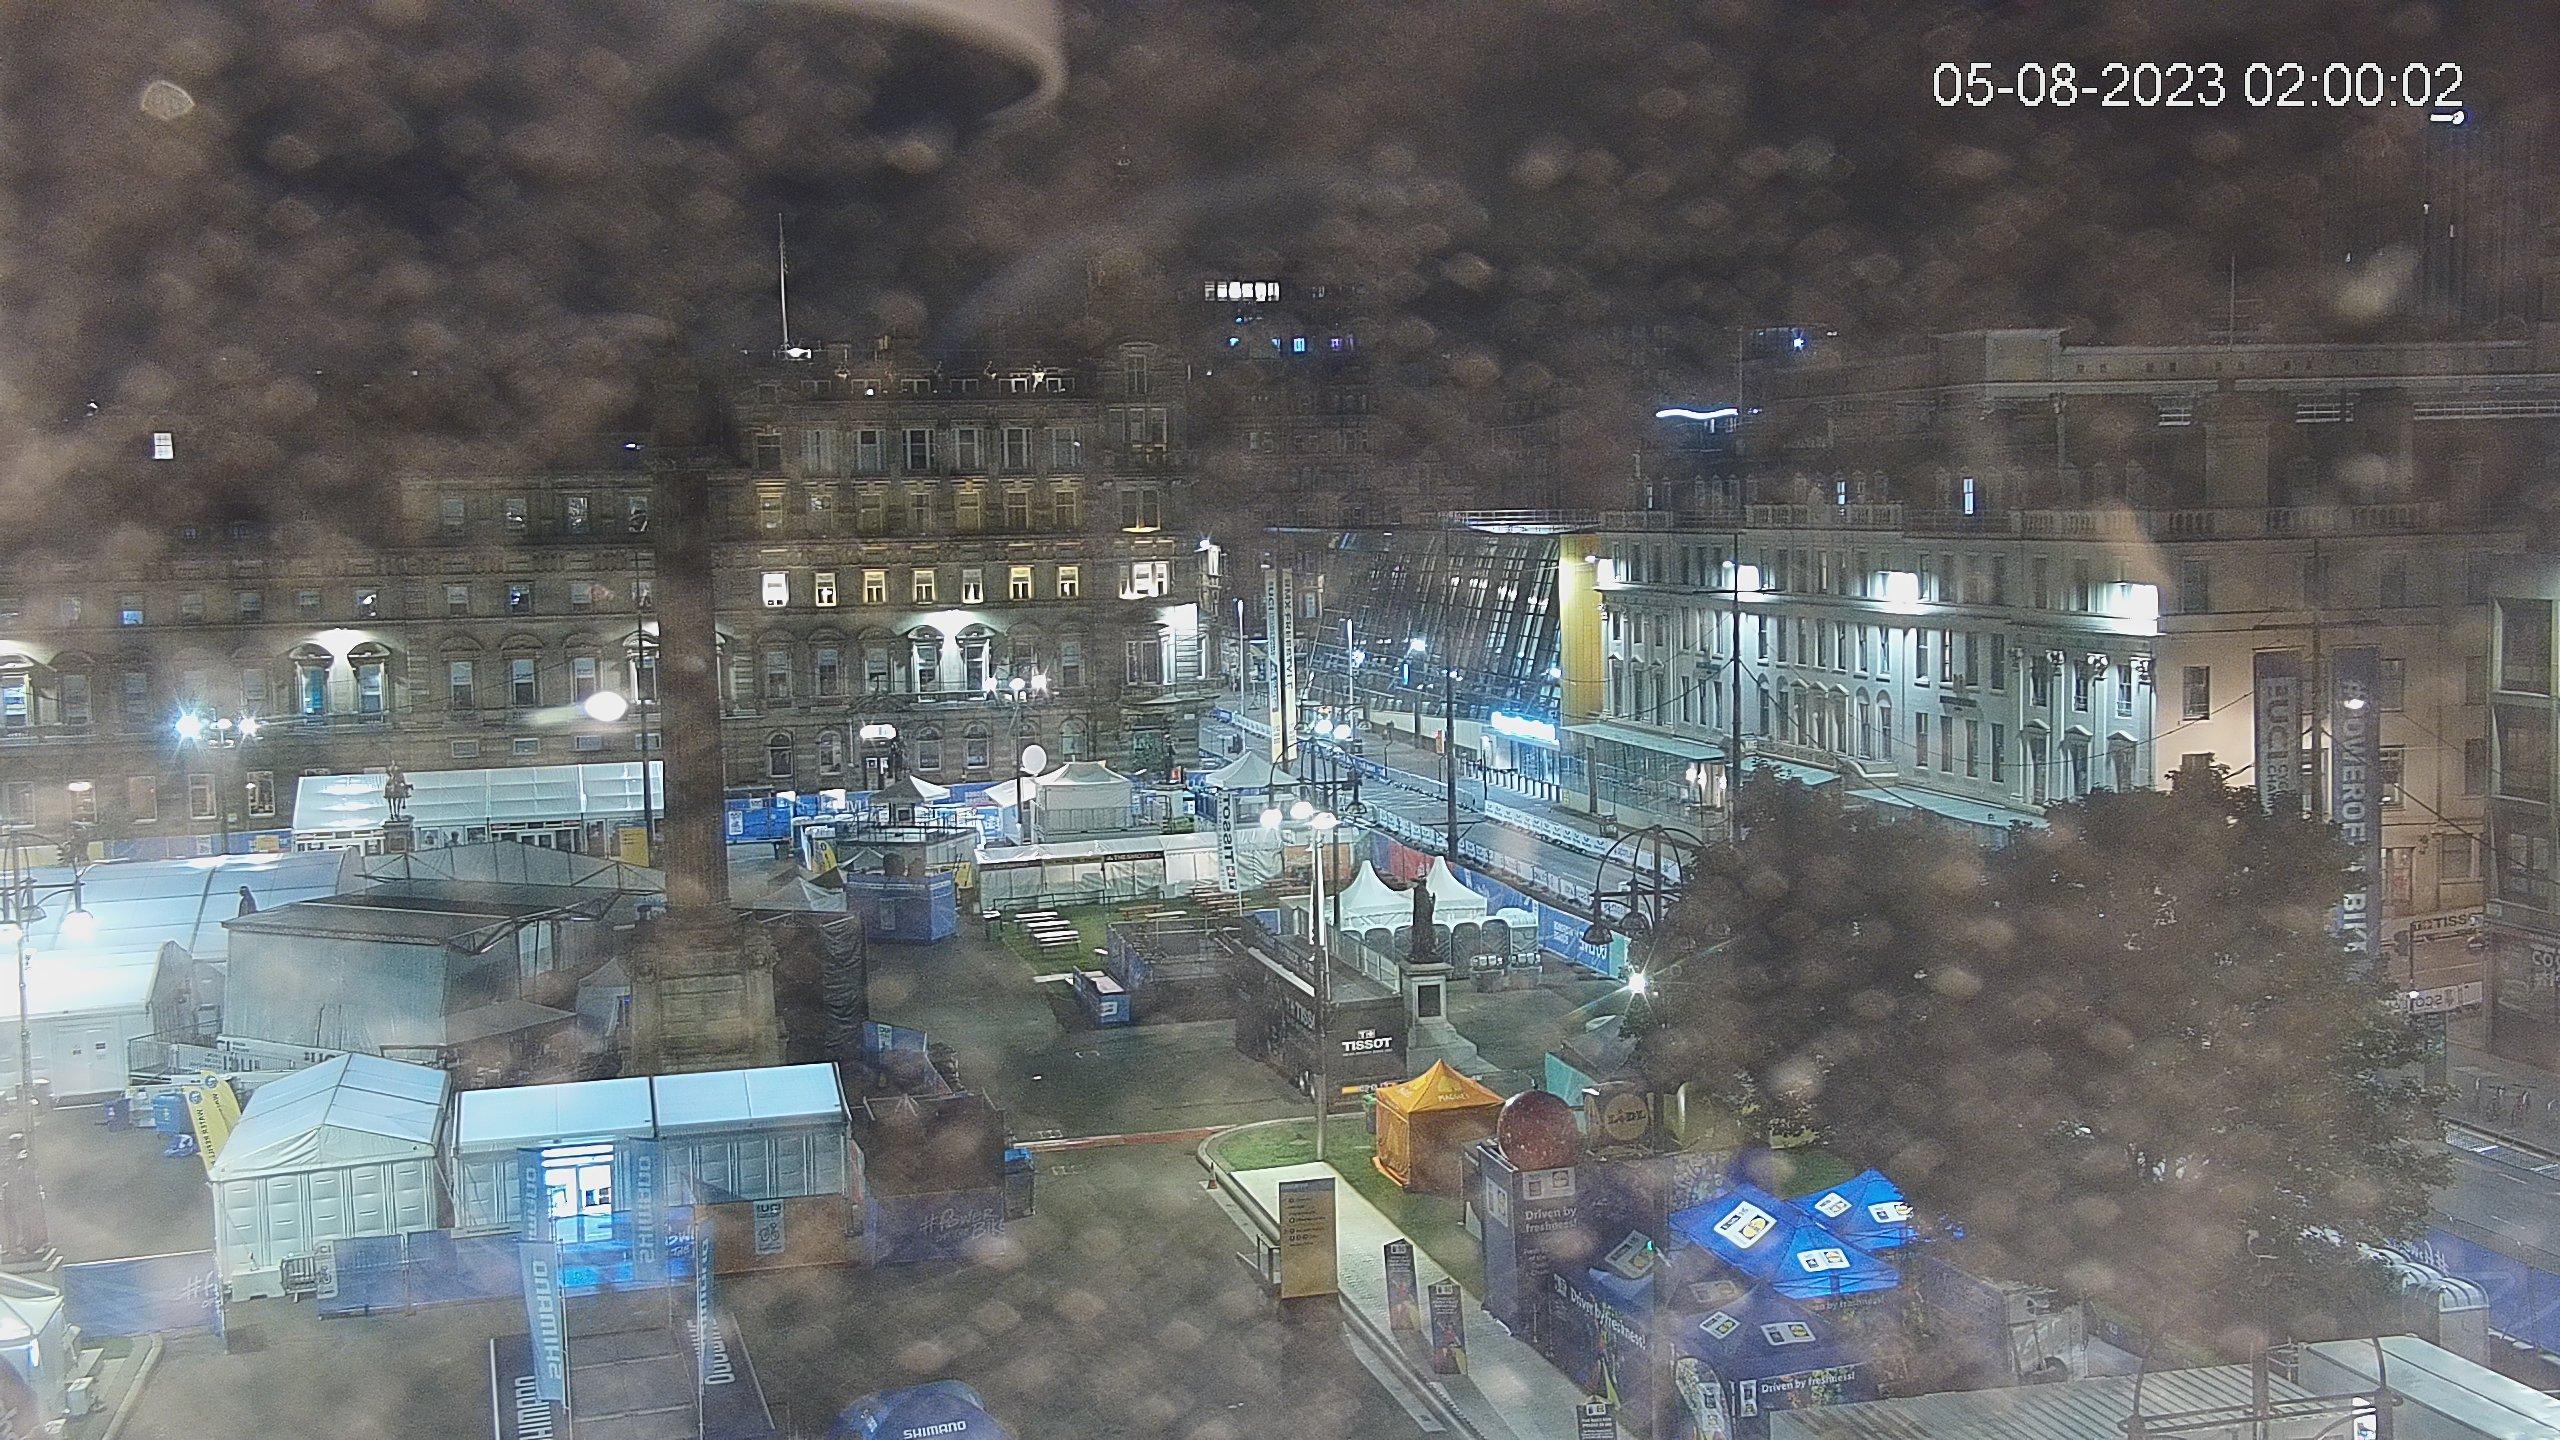 Dettaglio webcam Glasgow